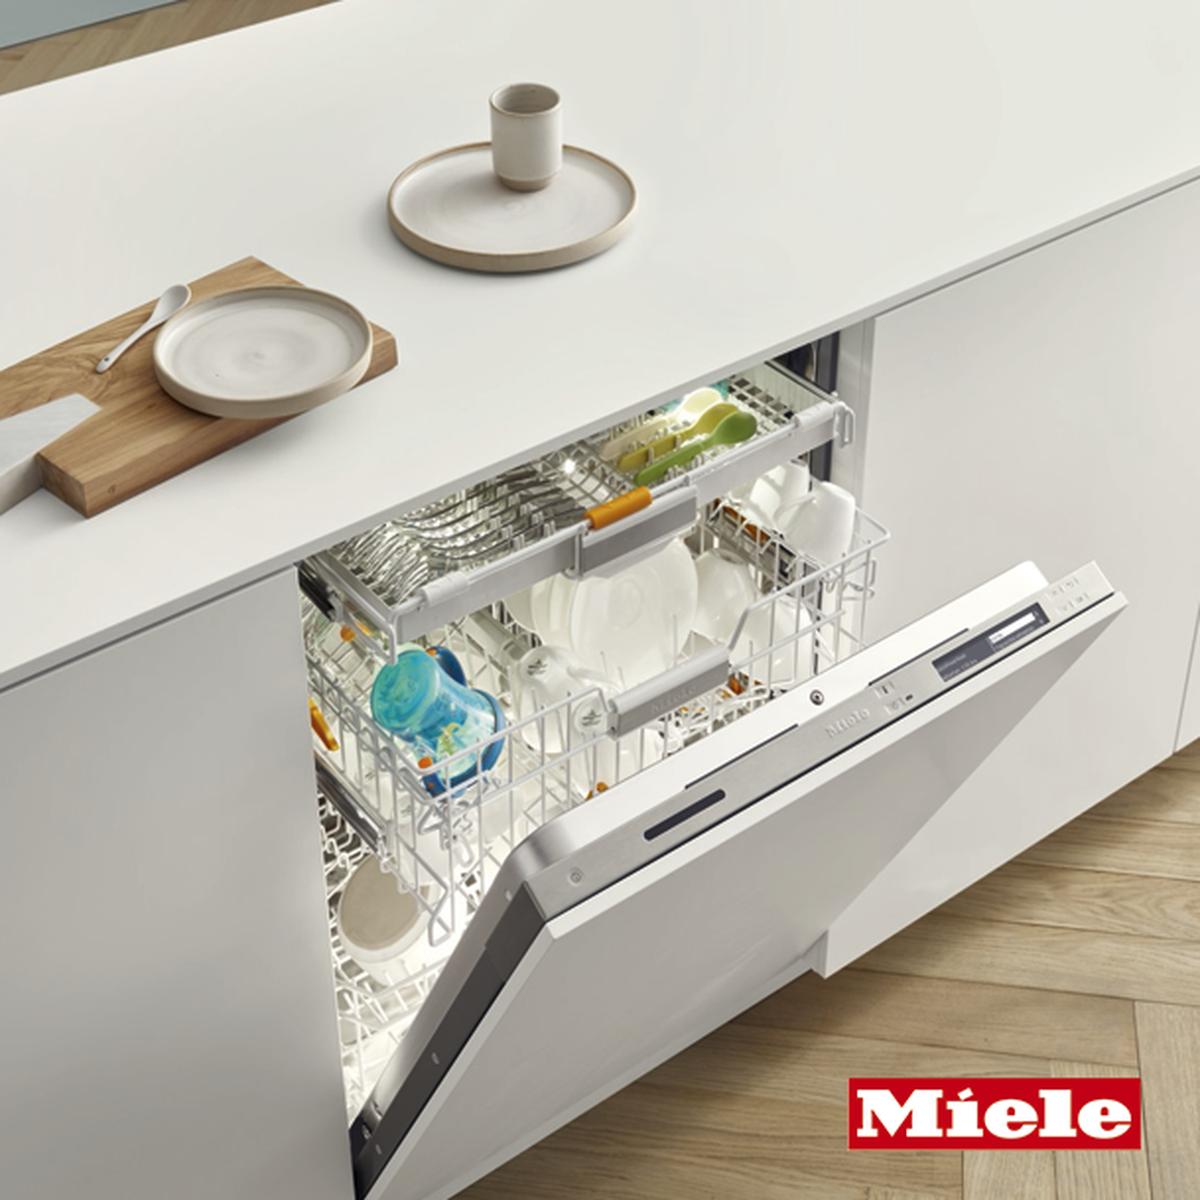 Kitzen on uusi suomalainen keittiöbrändi, joka valmistaa keittiö-, kylpyhuone- ja vaatehuonekalusteita Salossa, Suomen Ykköskeittiöiden aiemmissa tuotantotiloissa.